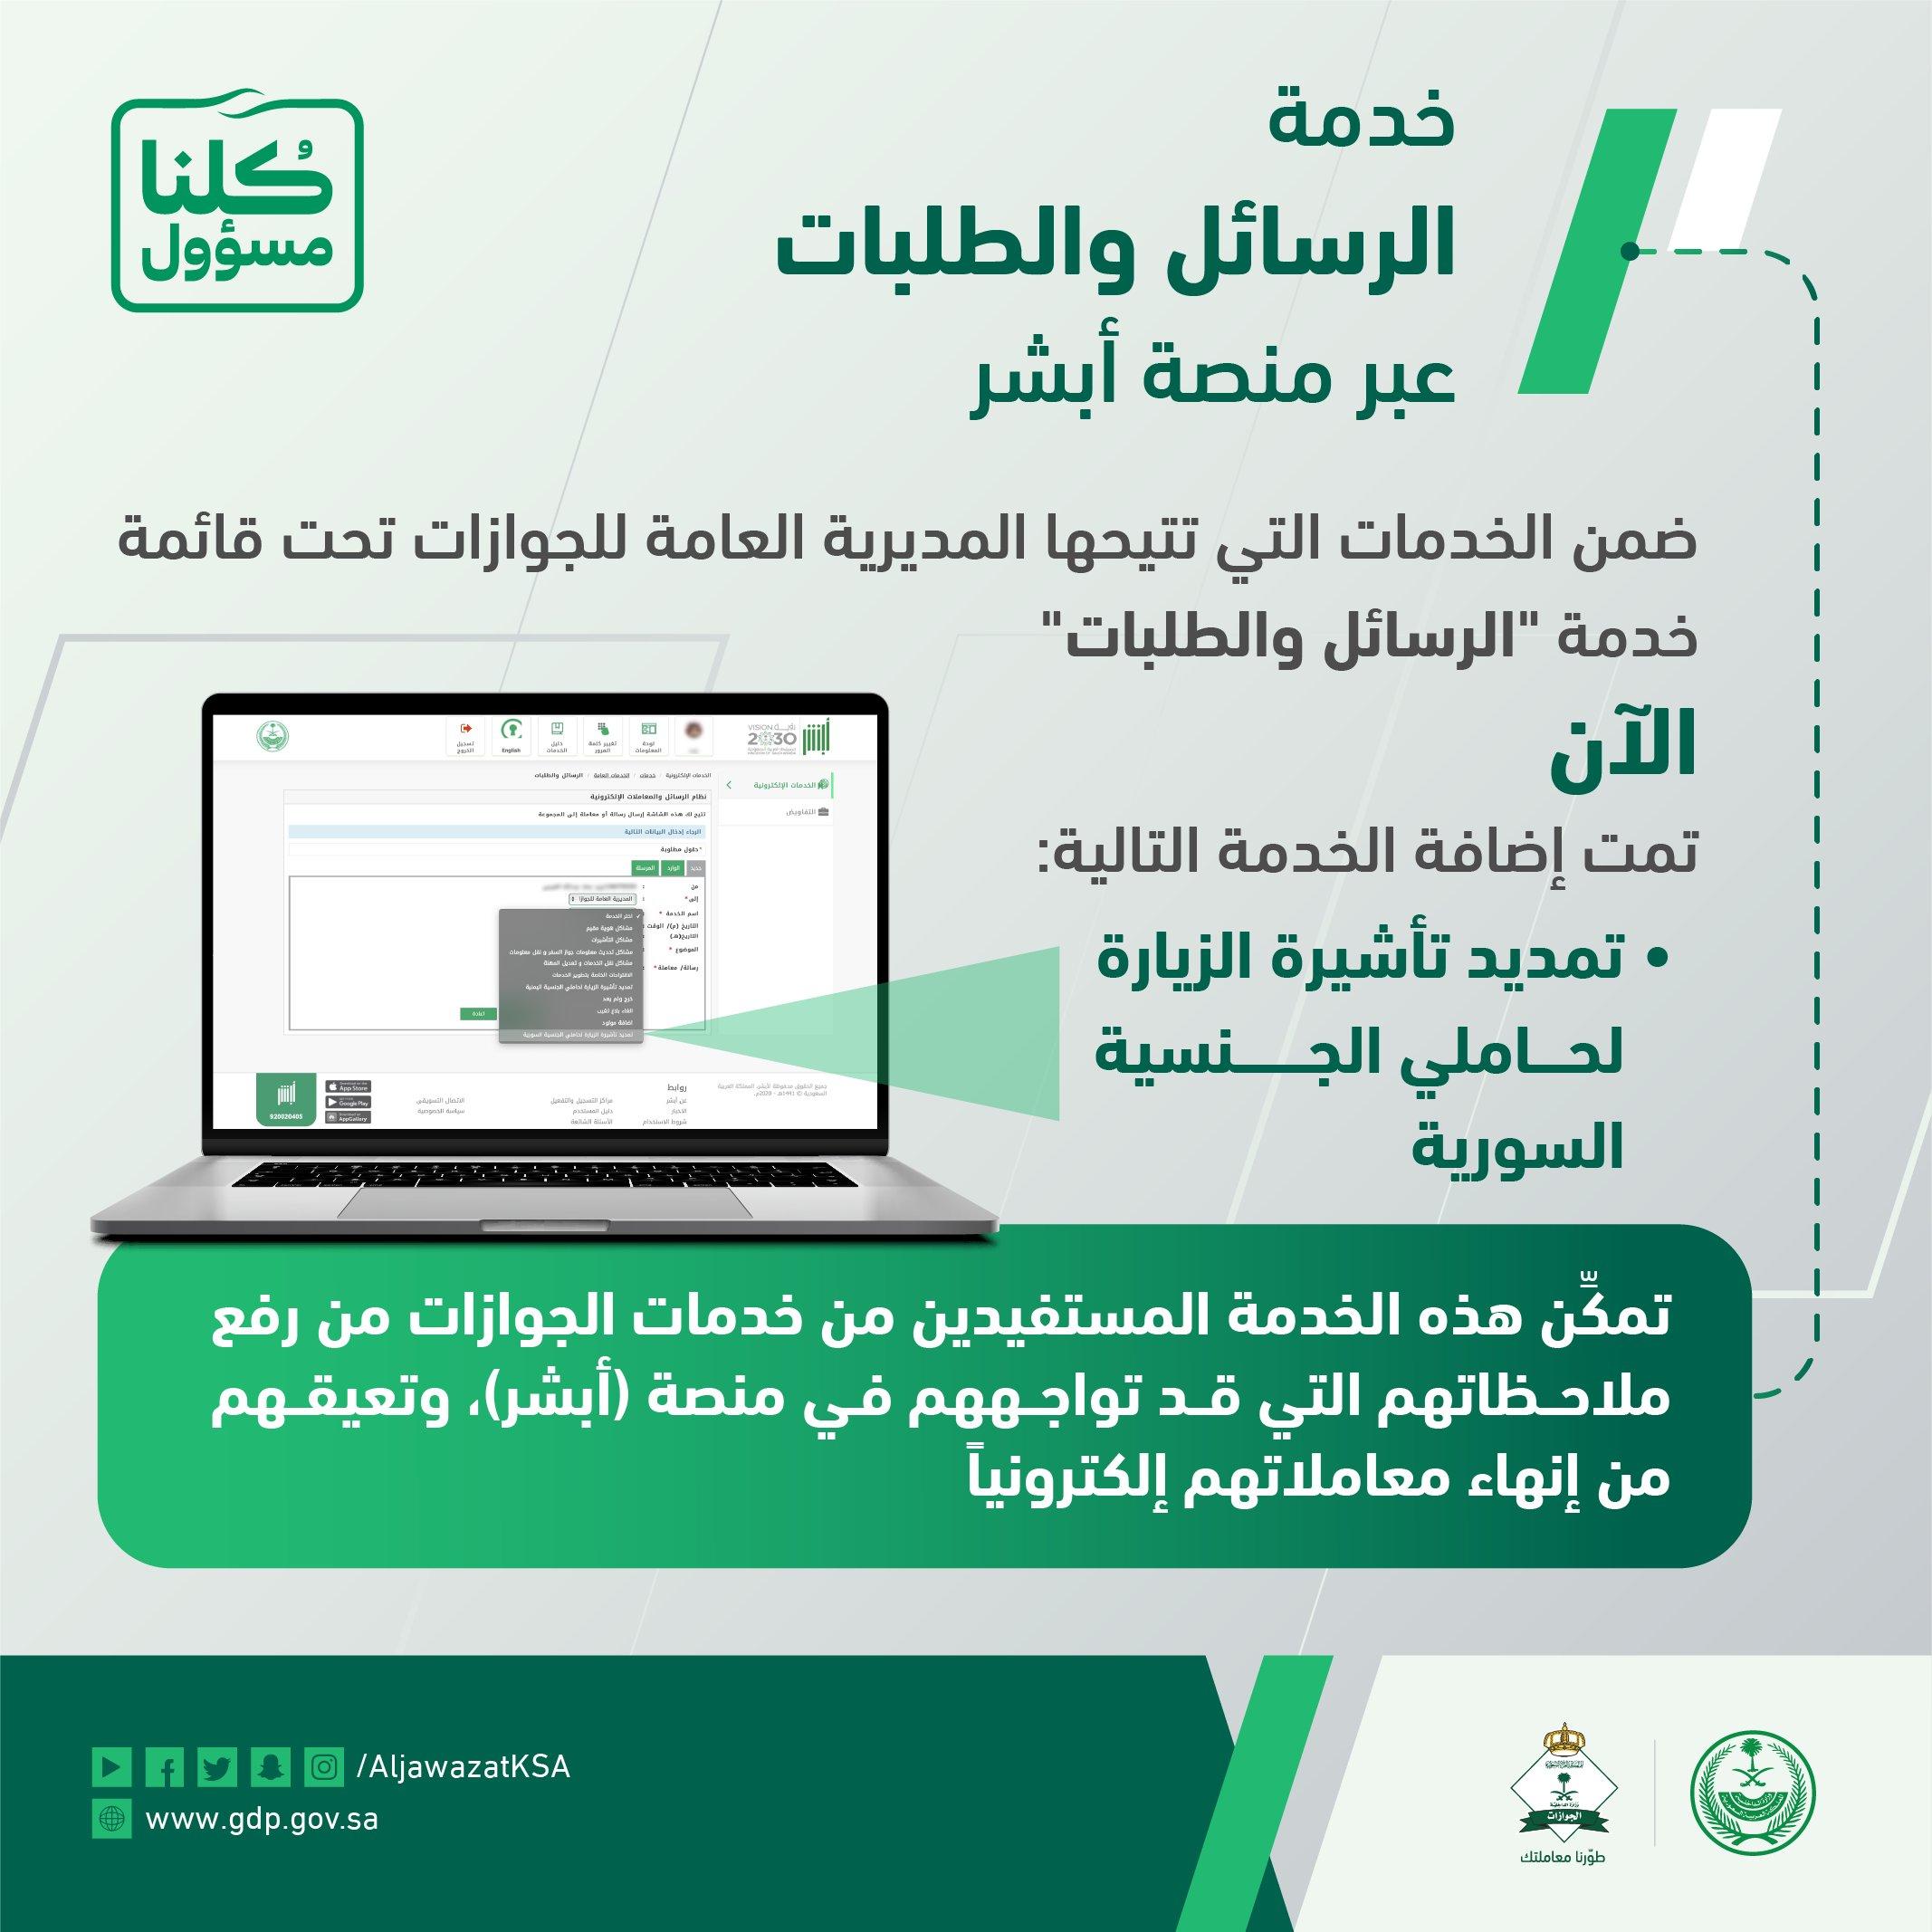 الجوازات السعودية تزف بشرى سارة للمقيمين السوريين في المملكة شبكة أزال الاخبارية منوعات